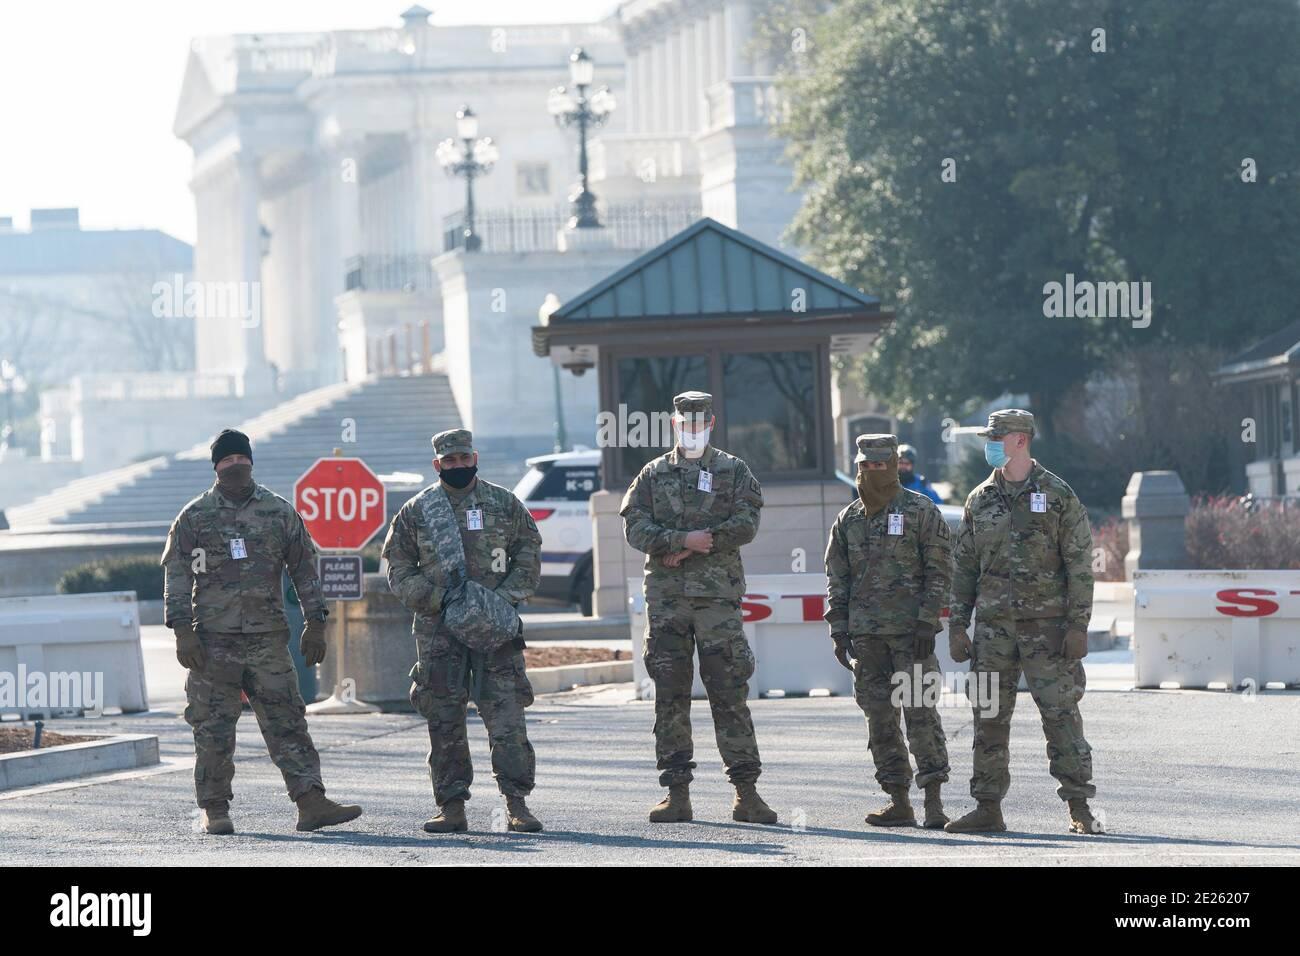 Washington DC- los miembros de la Guardia Nacional están vigilados en el Capitolio. Crédito de la foto: Chris Kleponis/Sipa, EE.UU. 12 de enero de 2021. Crédito: SIPA USA/Alamy Live News Foto de stock